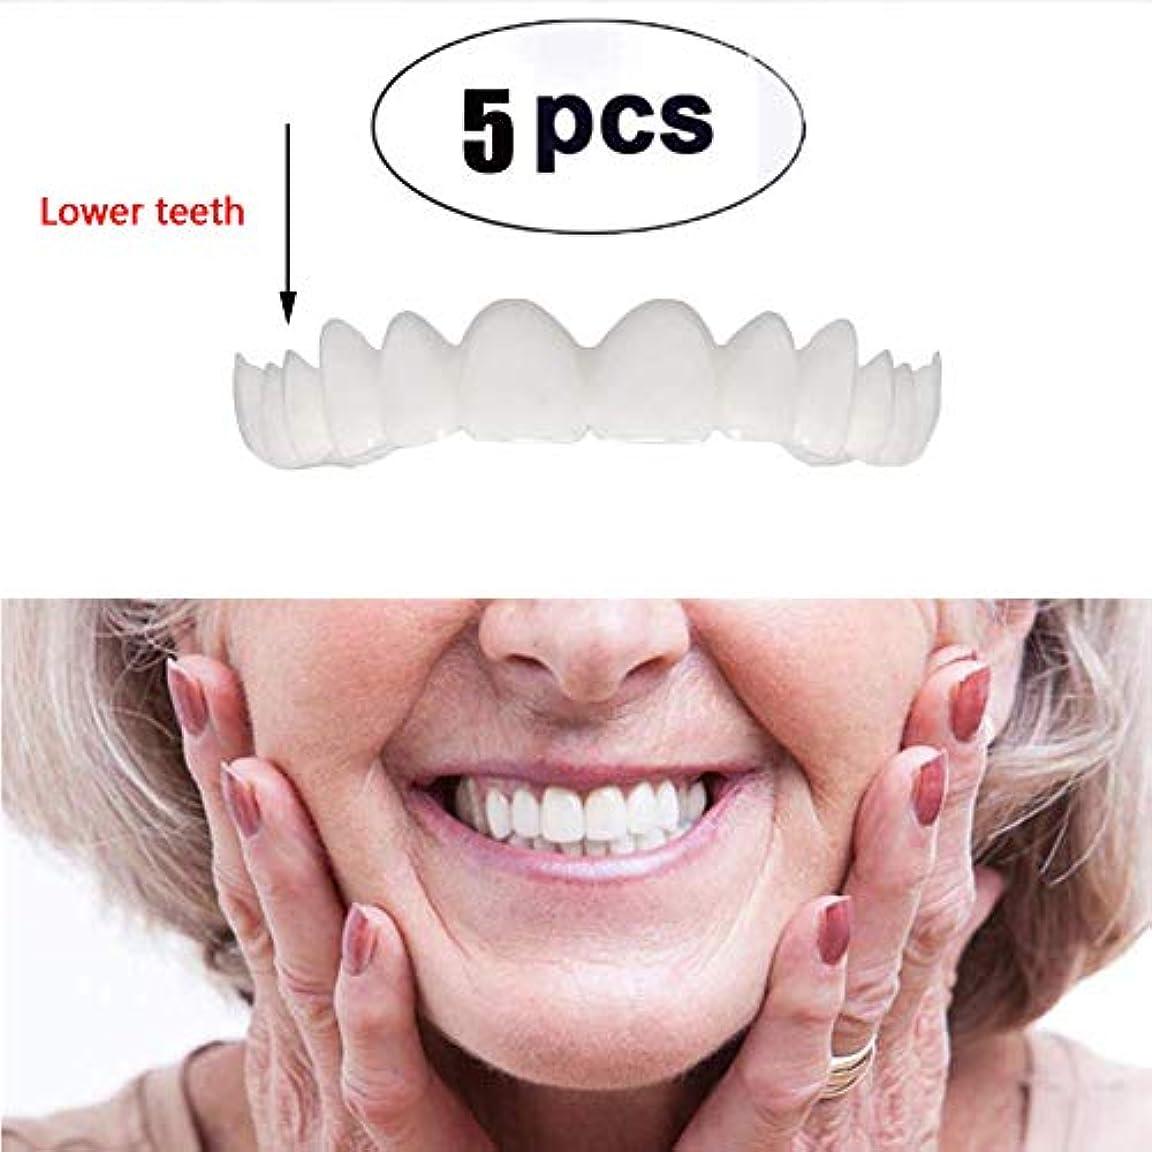 構想する古代式5ピース下の歯一時的な化粧品の歯化粧品模擬ブレースホワイトニング歯スナップキャップインスタント快適なフレックスパーフェクトベニア